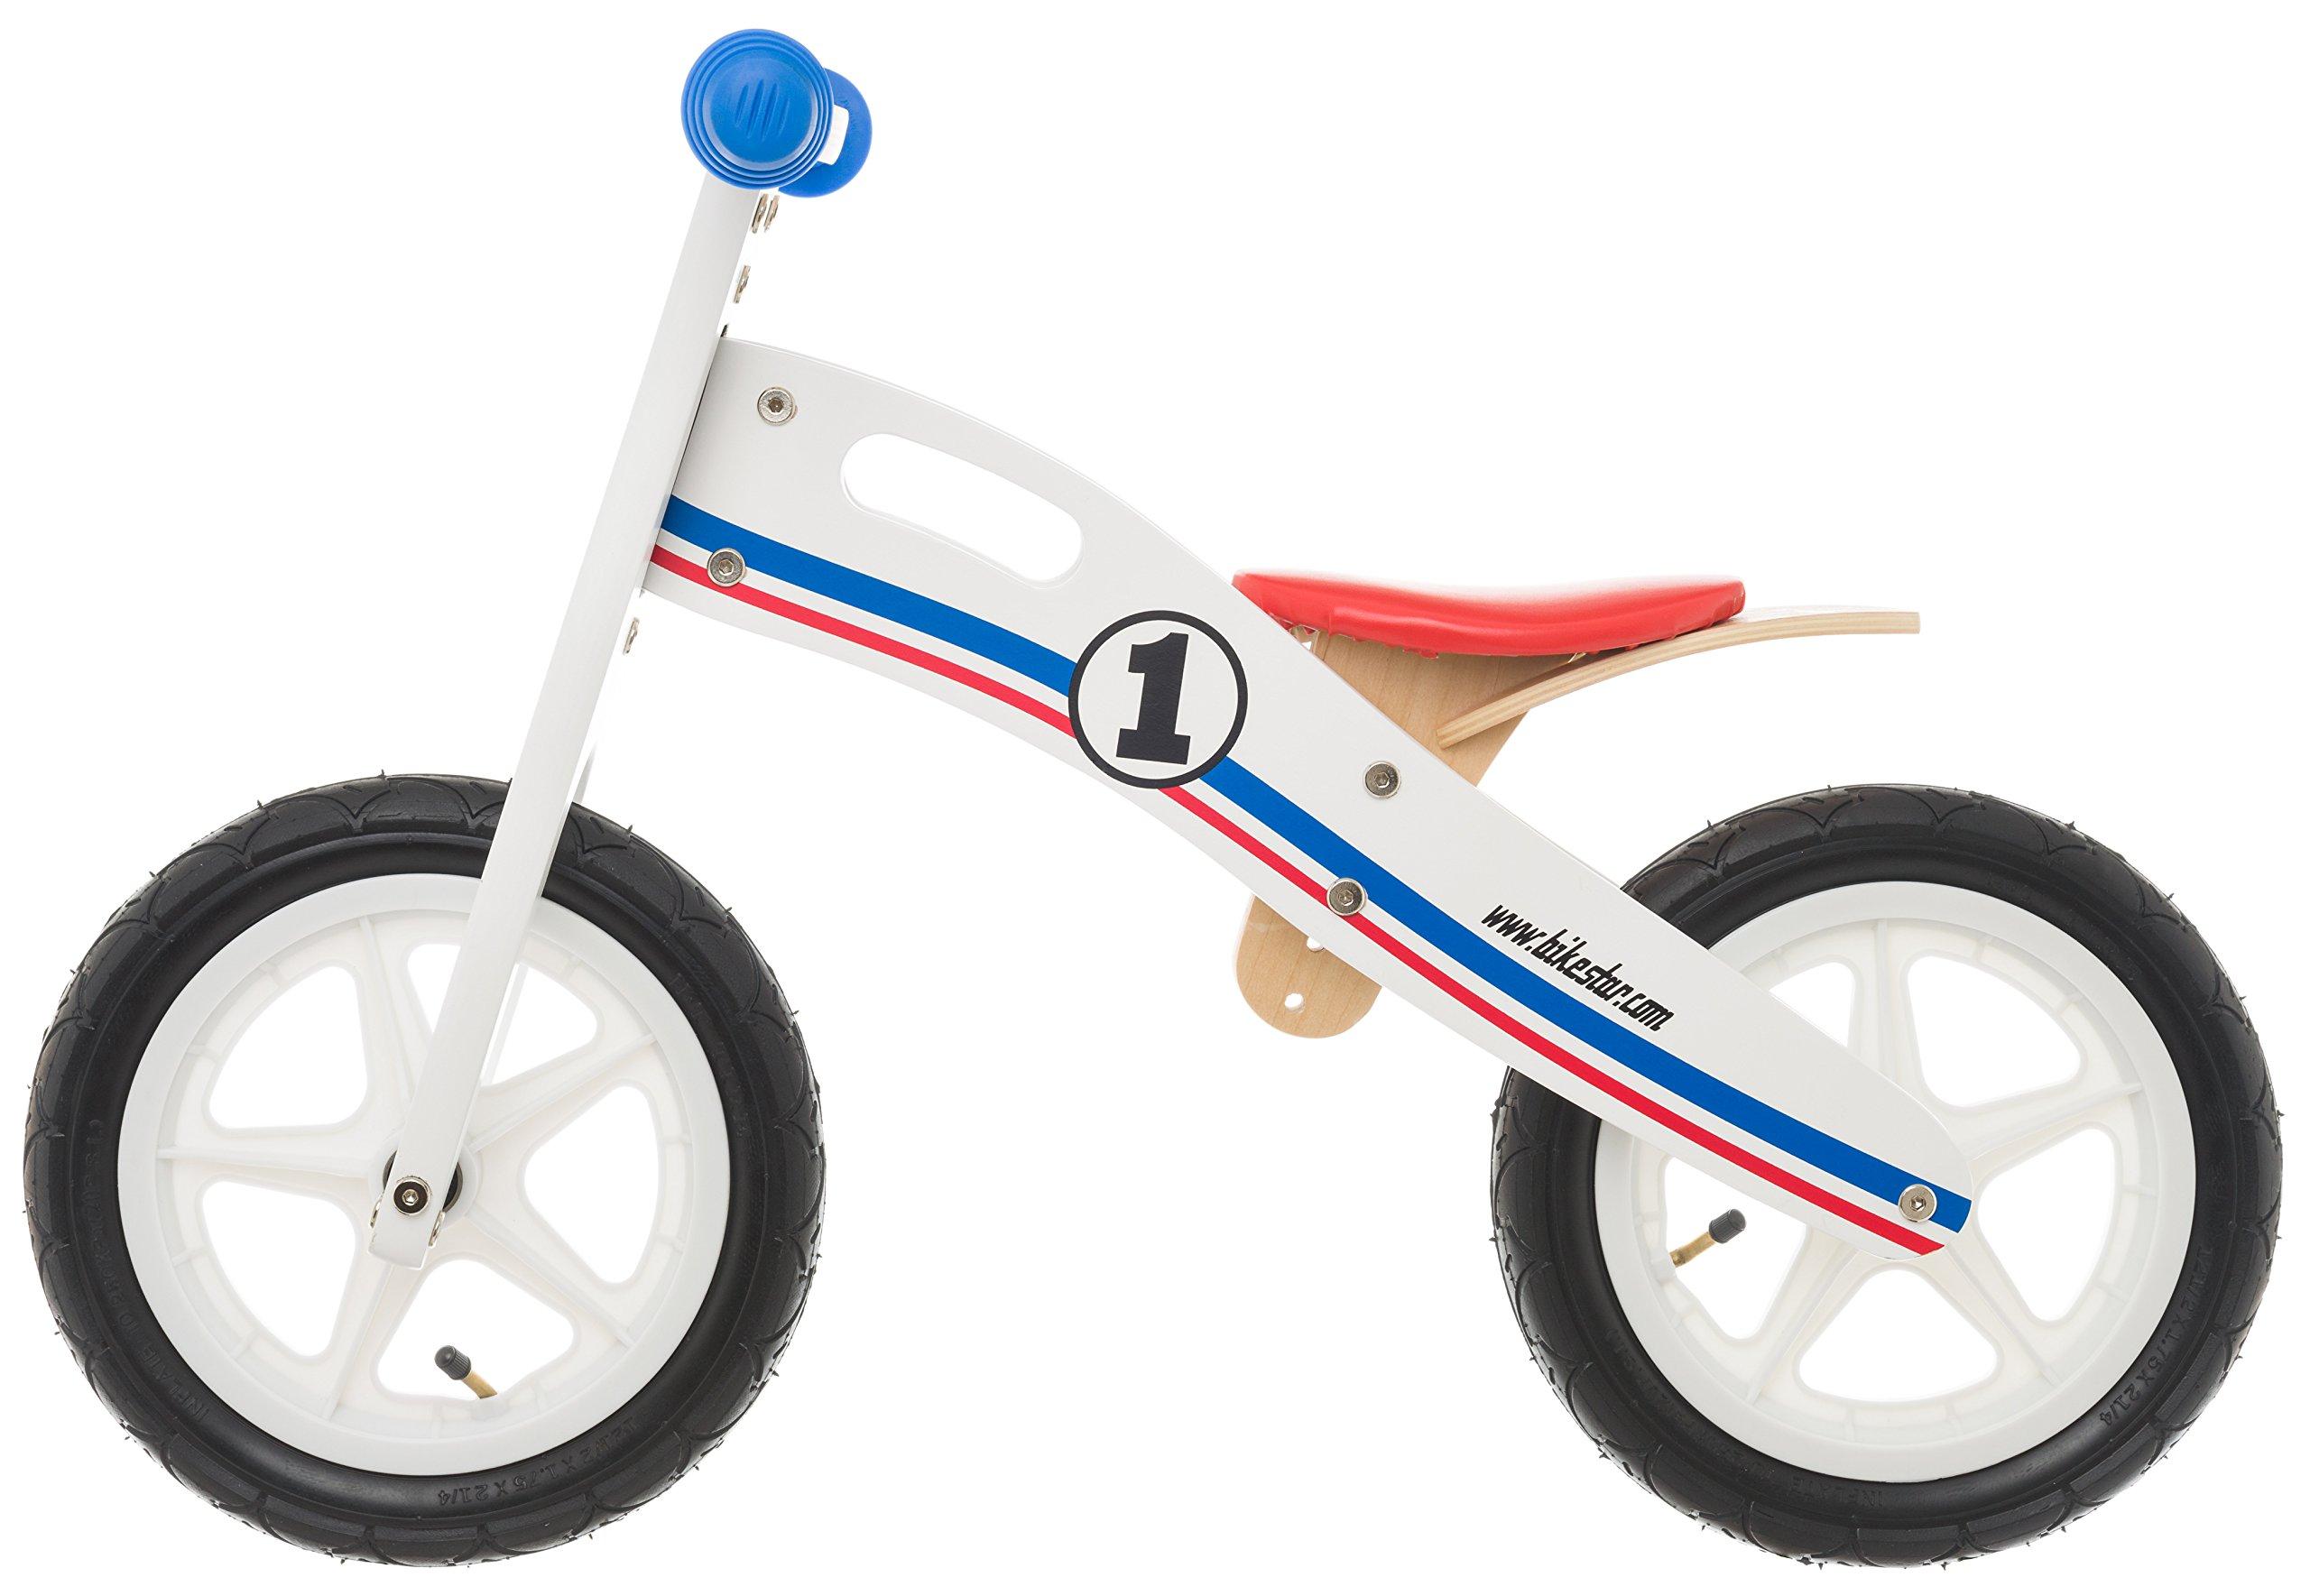 Bikestar Bicicletta Senza Pedali In Legno 3 4 Anni Per Bambino Et Bambina Bici Senza Pedali Bambini 12 Pollici